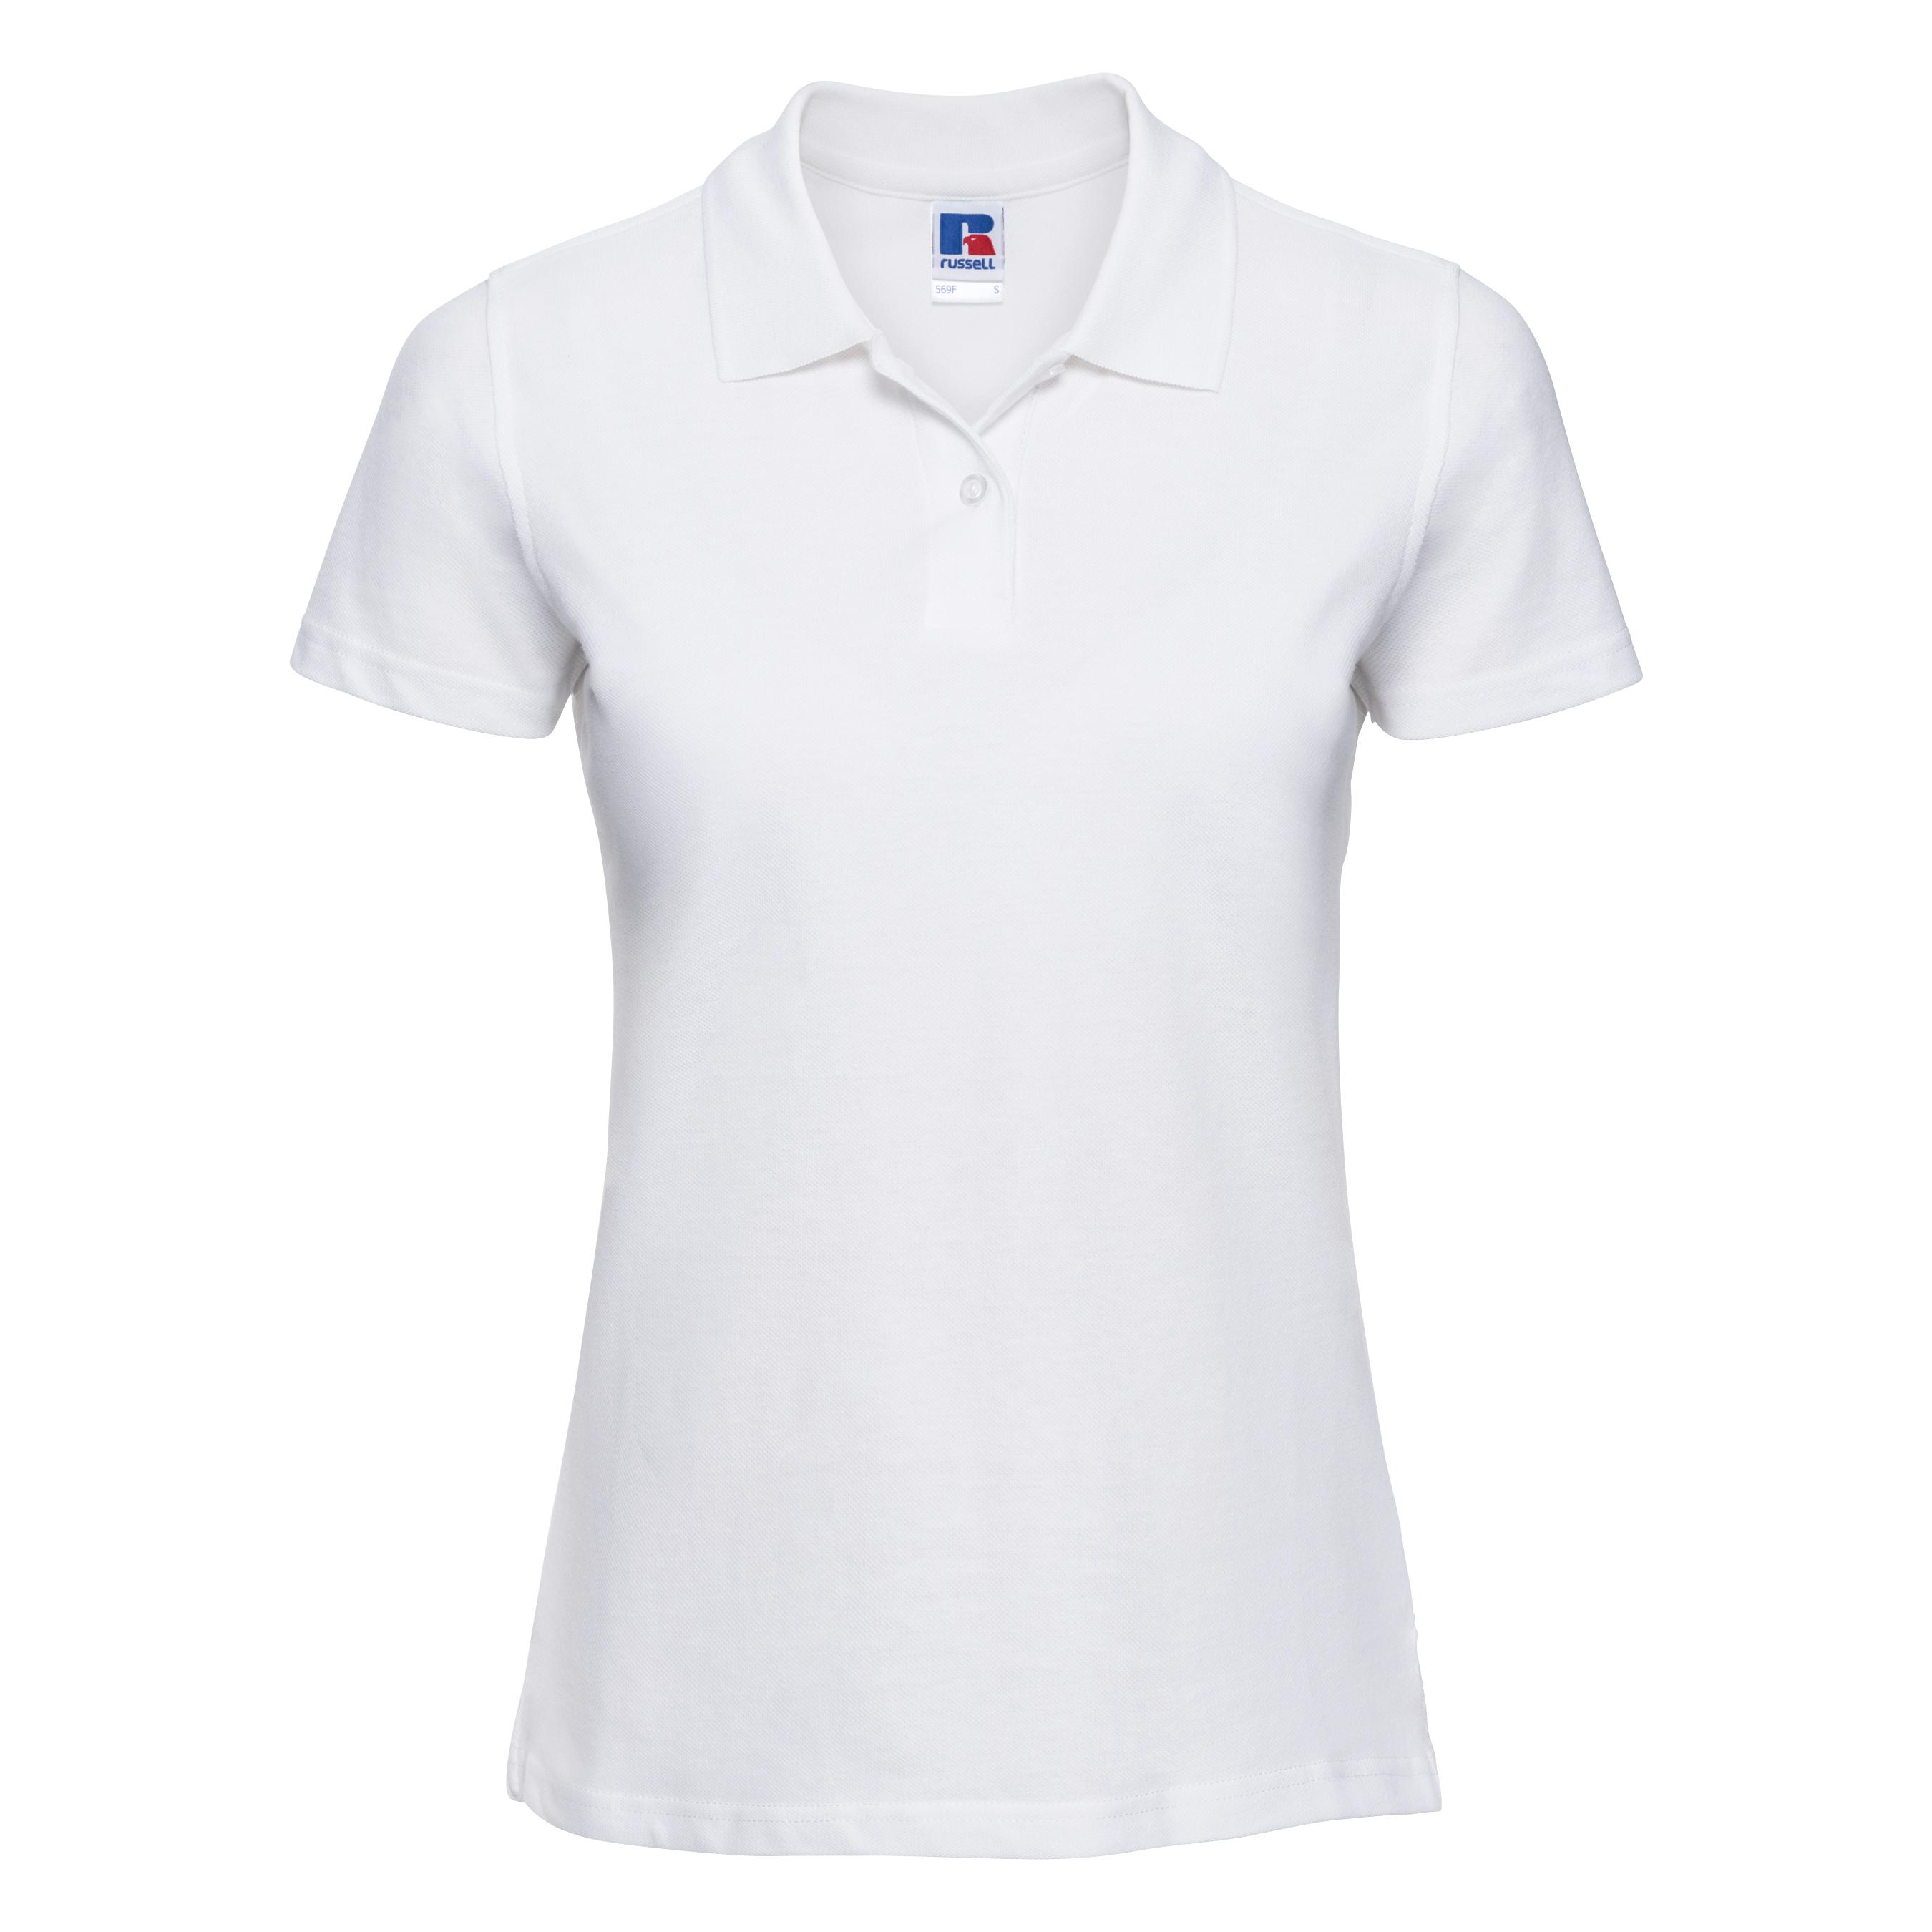 miniature 17 - Polo-uni-Russell-manches-courtes-100-coton-femme-et-fille-XS-2XL-RW3279